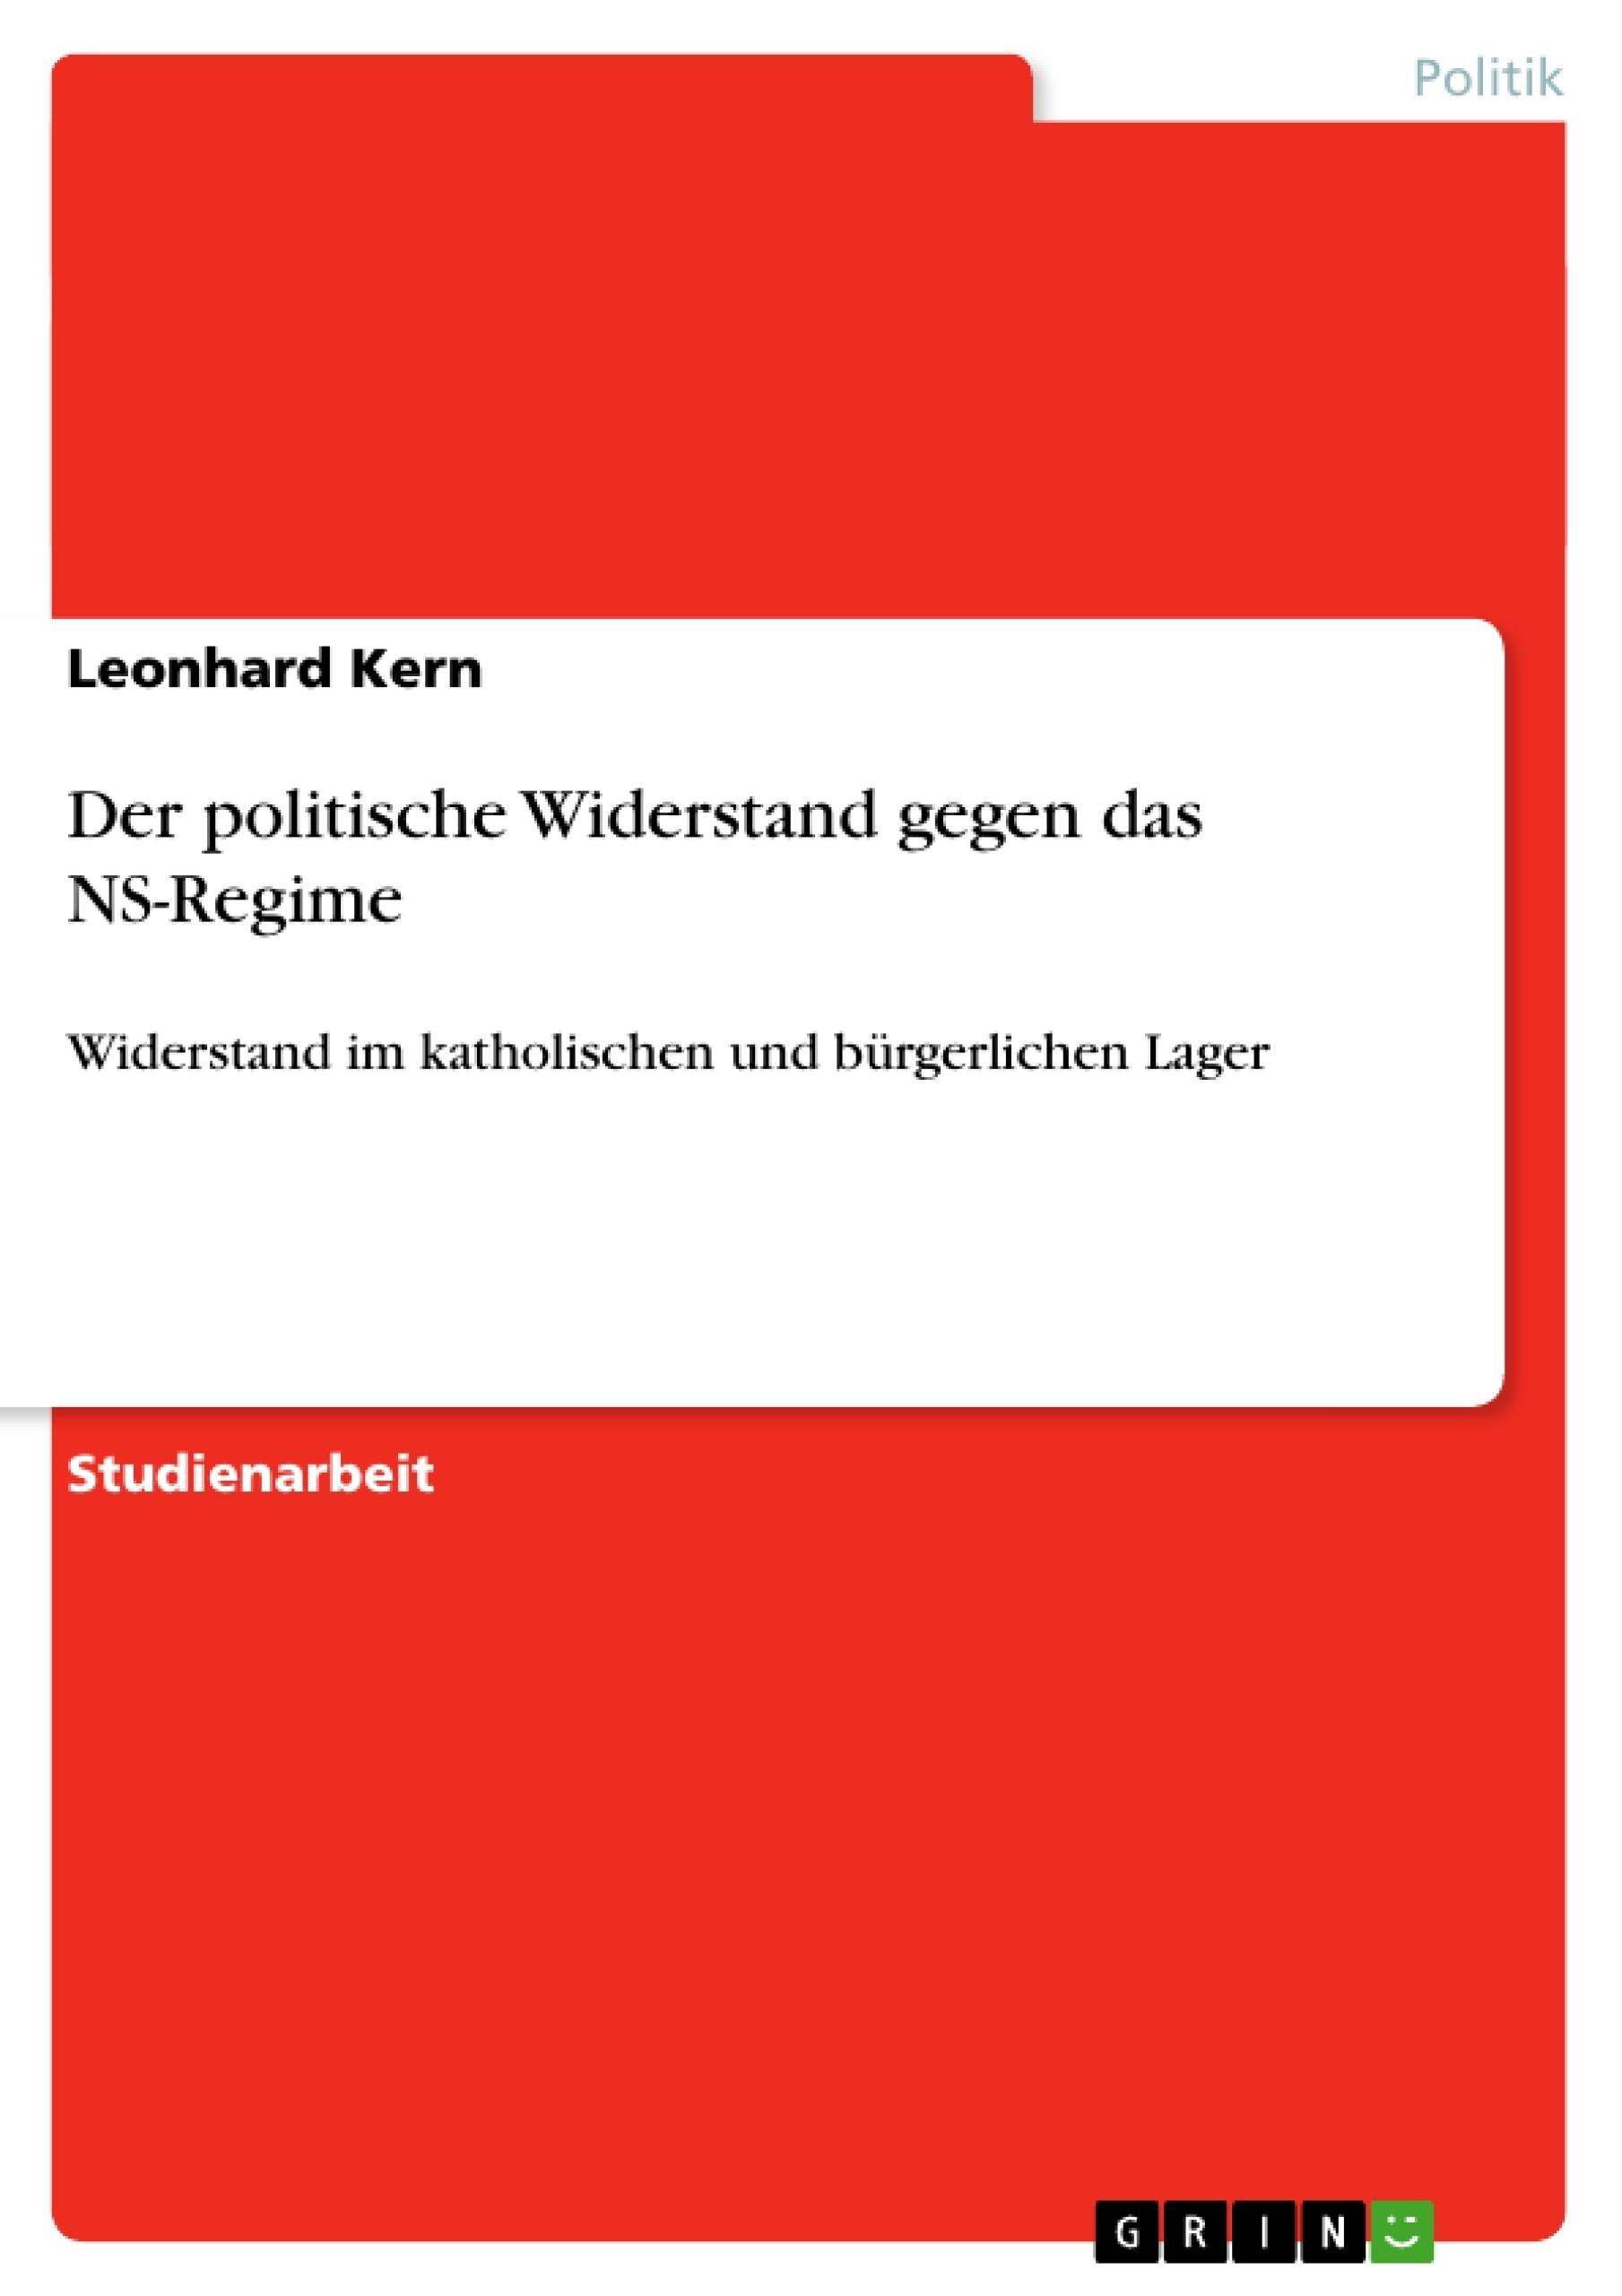 Titel: Der politische Widerstand gegen das NS-Regime